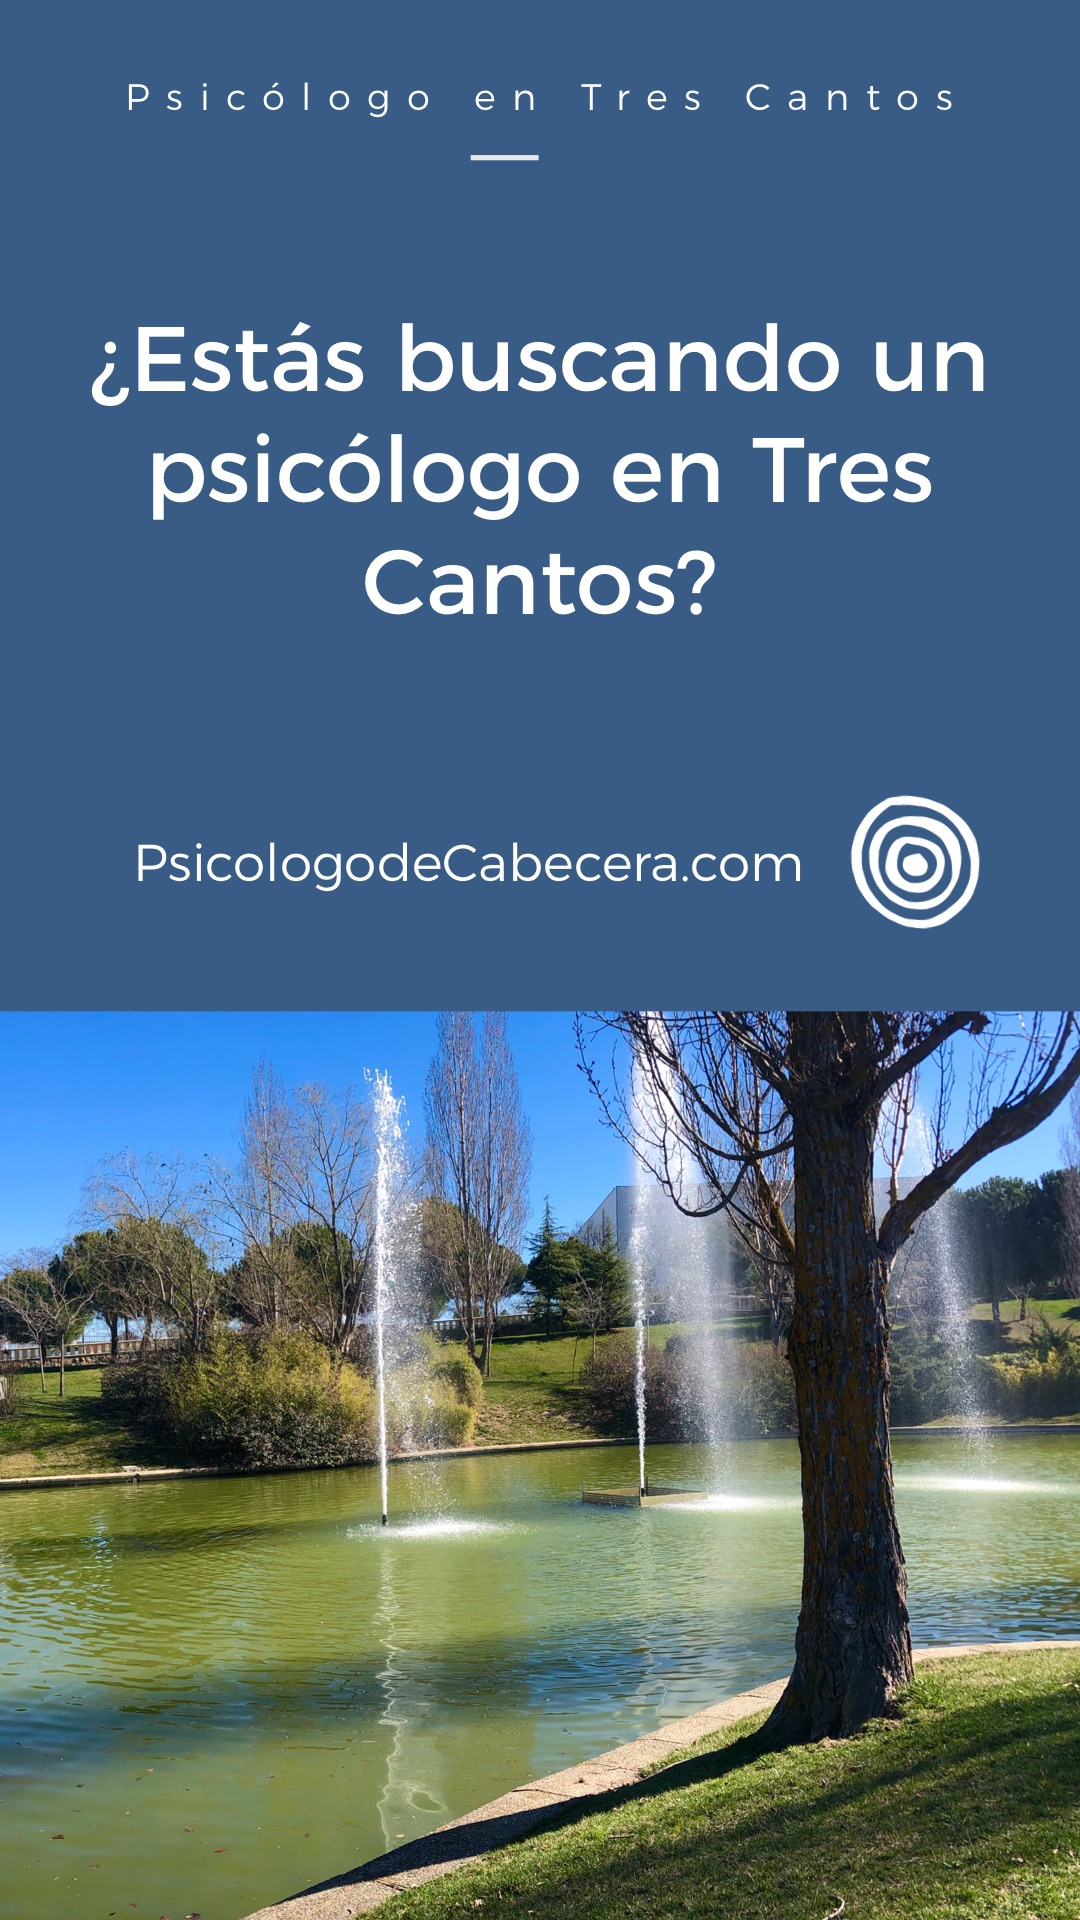 psicologo en tres cantos